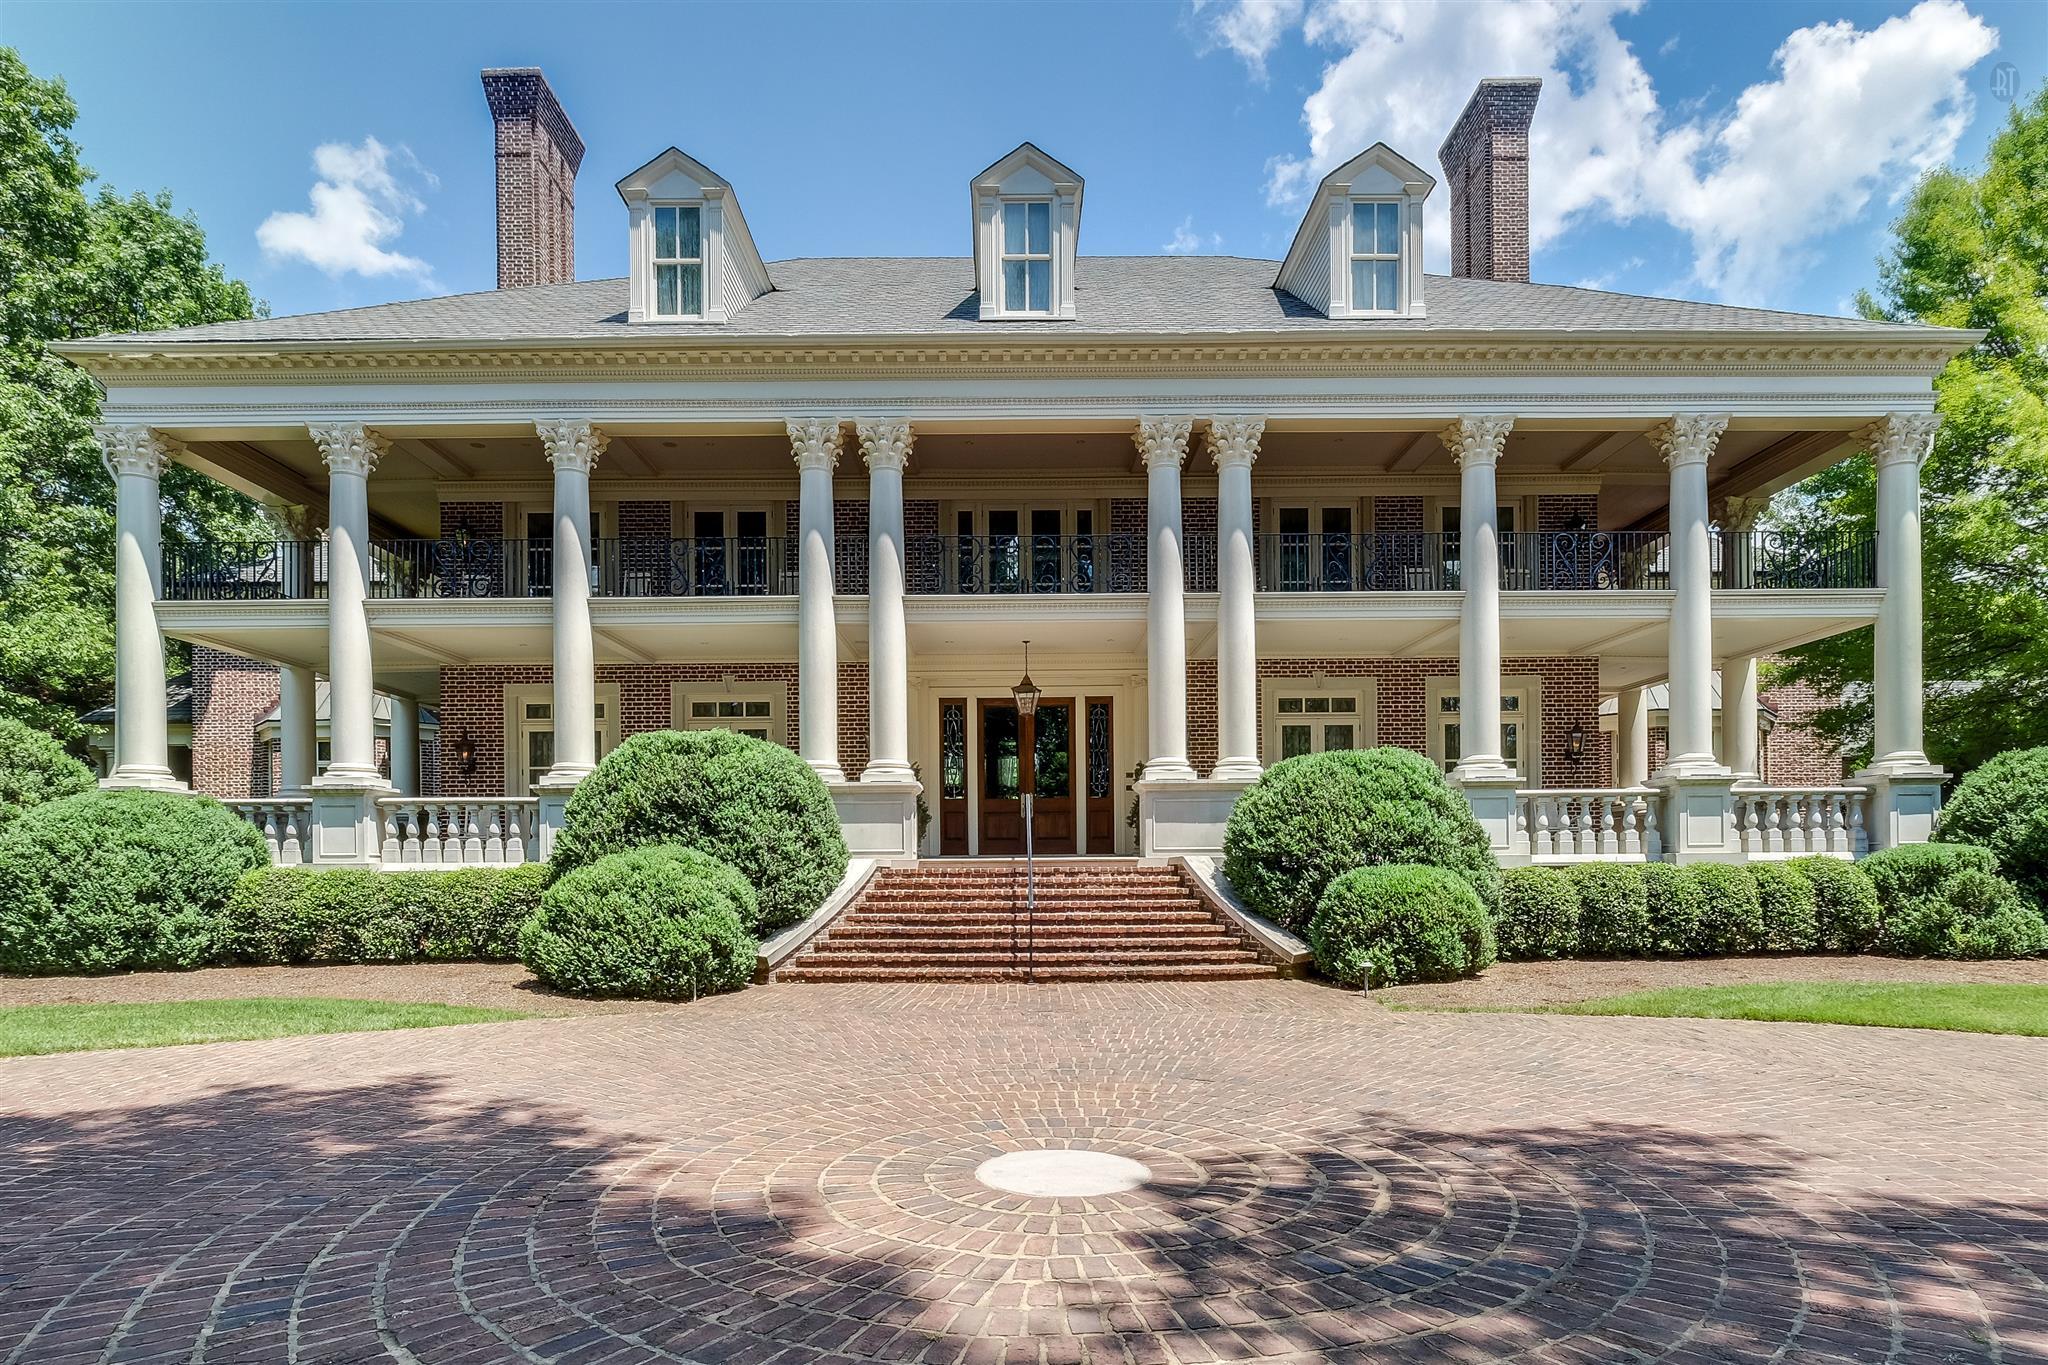 Real Estate for Sale, ListingId: 32216903, Nashville,TN37205